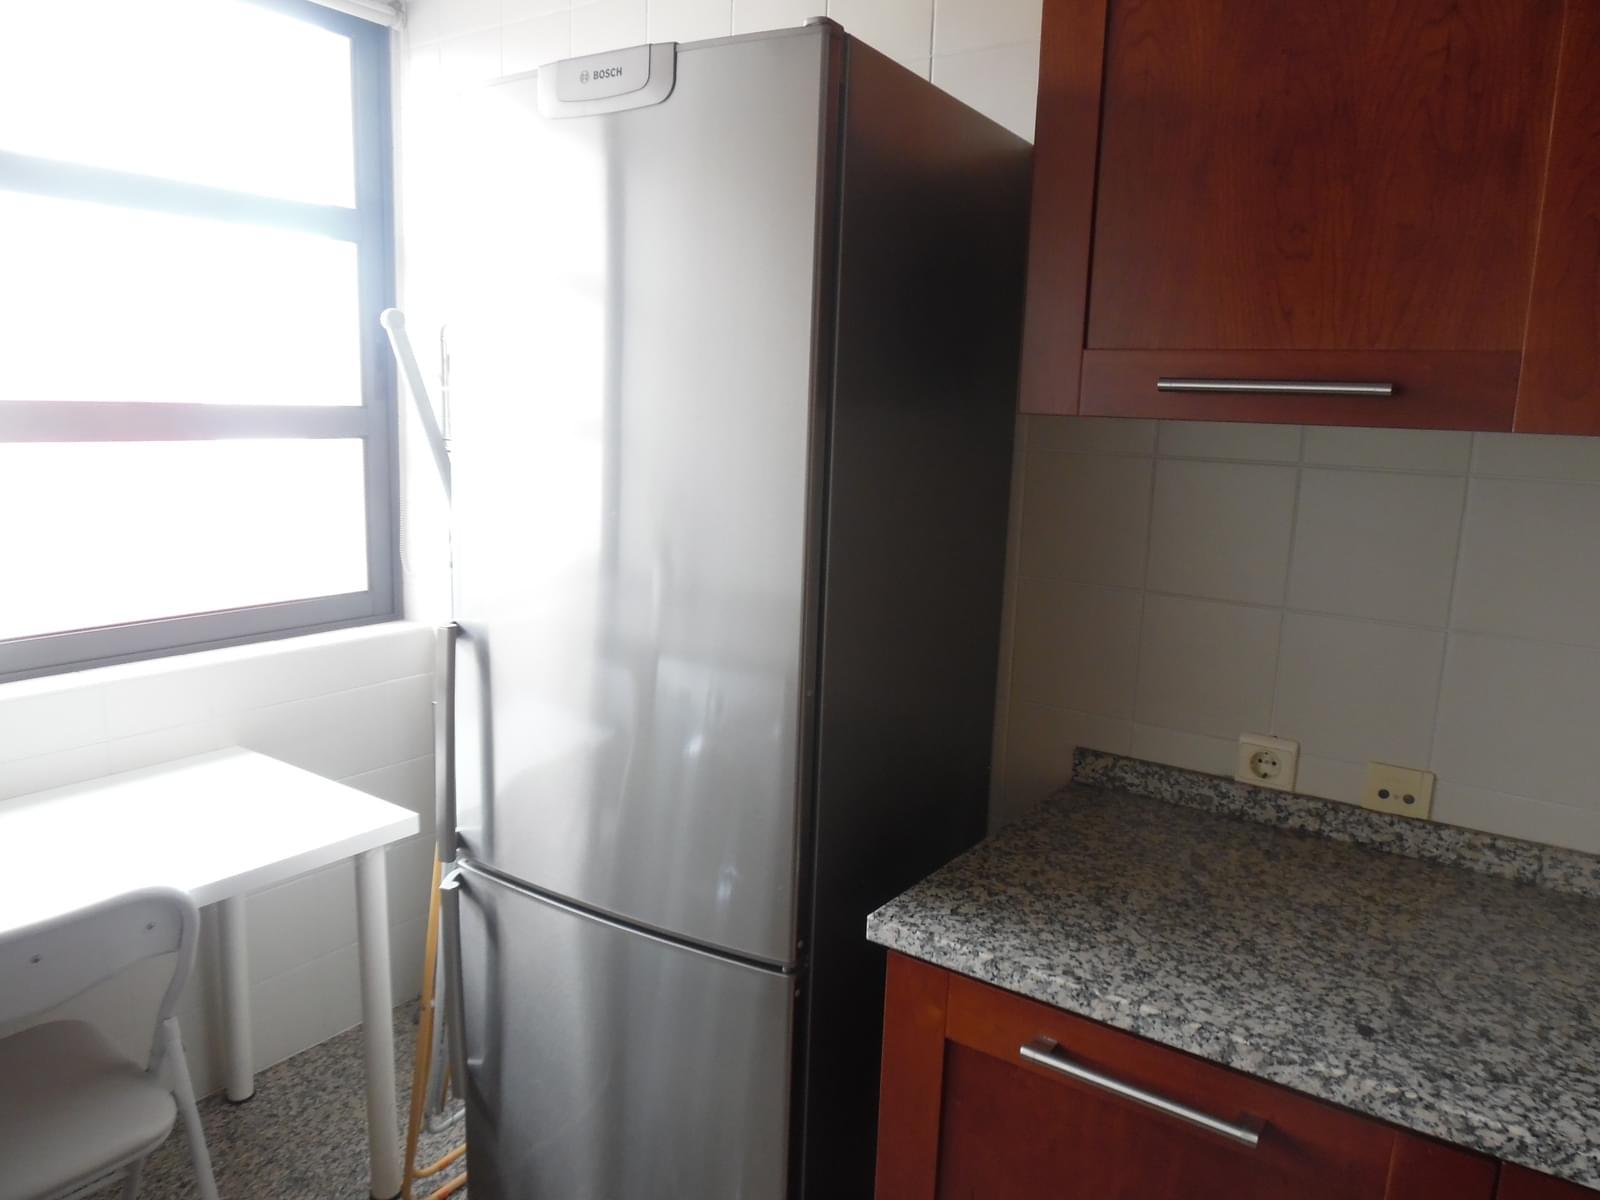 pf18329-apartamento-t1-lisboa-399c68c5-f6bd-444d-b6fa-acadfe91013c